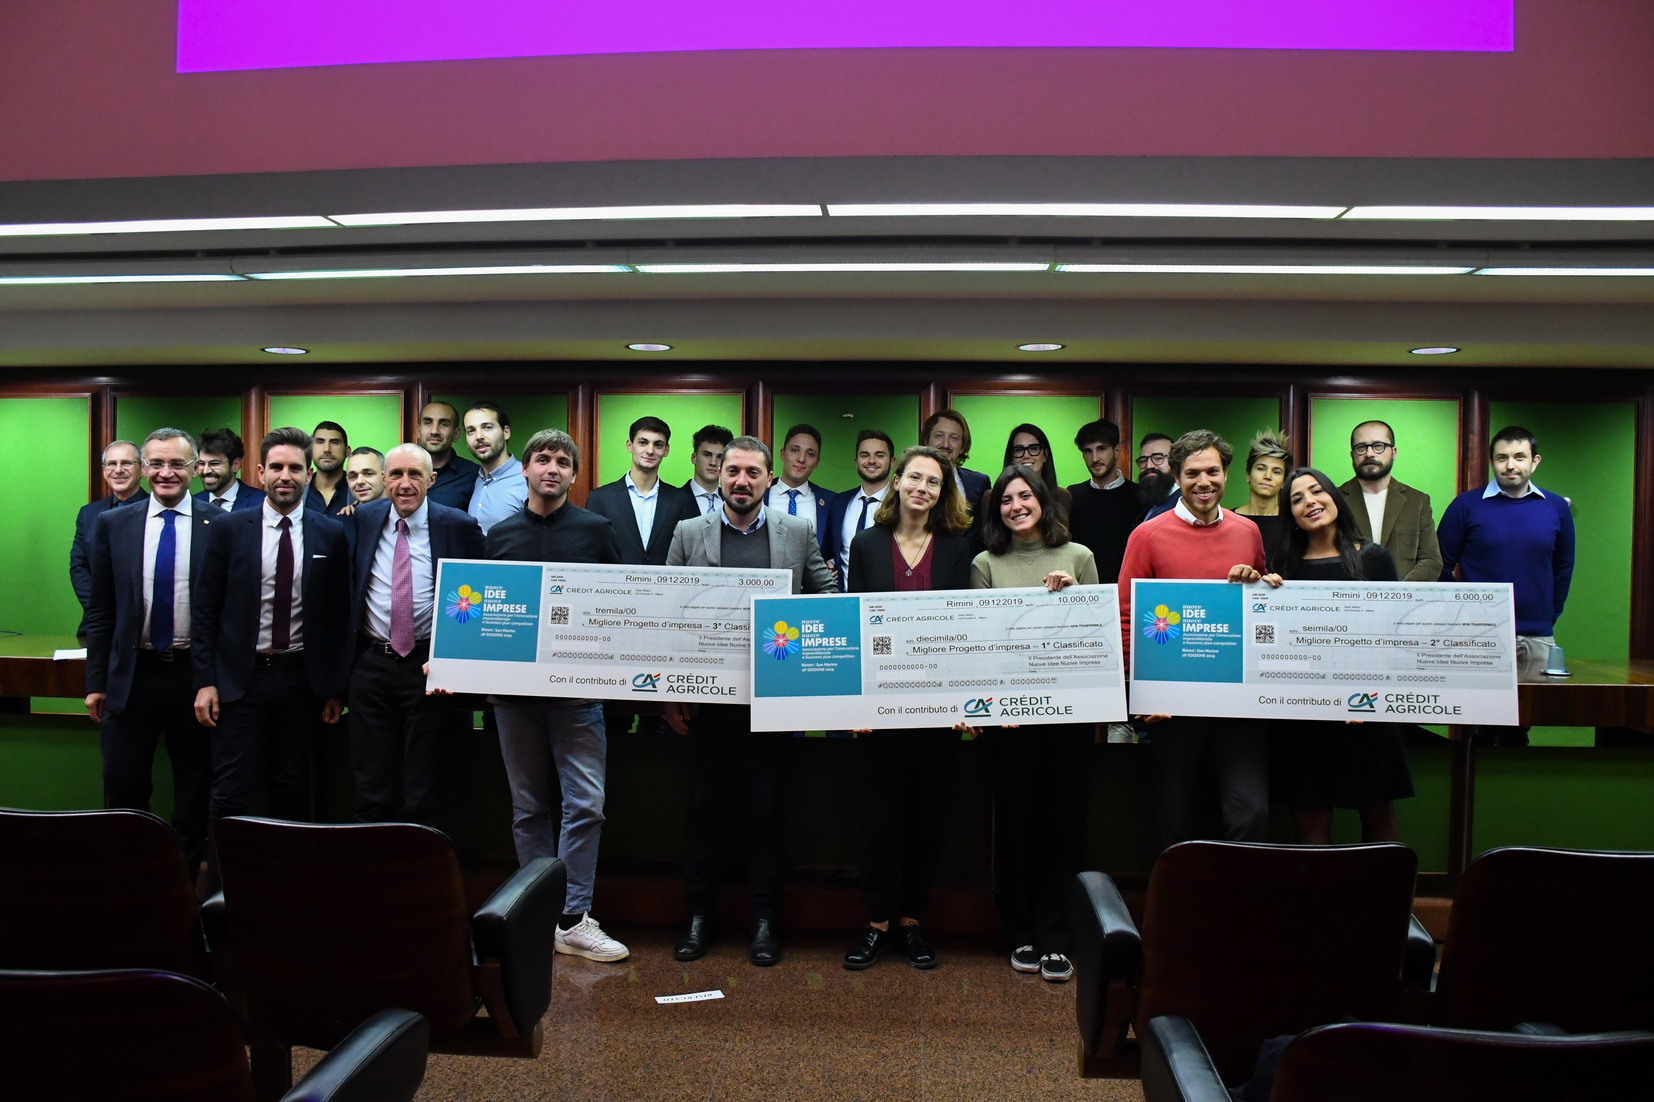 Corax vince l'edizione 2019 di Nuove Idee Nuove Imprese